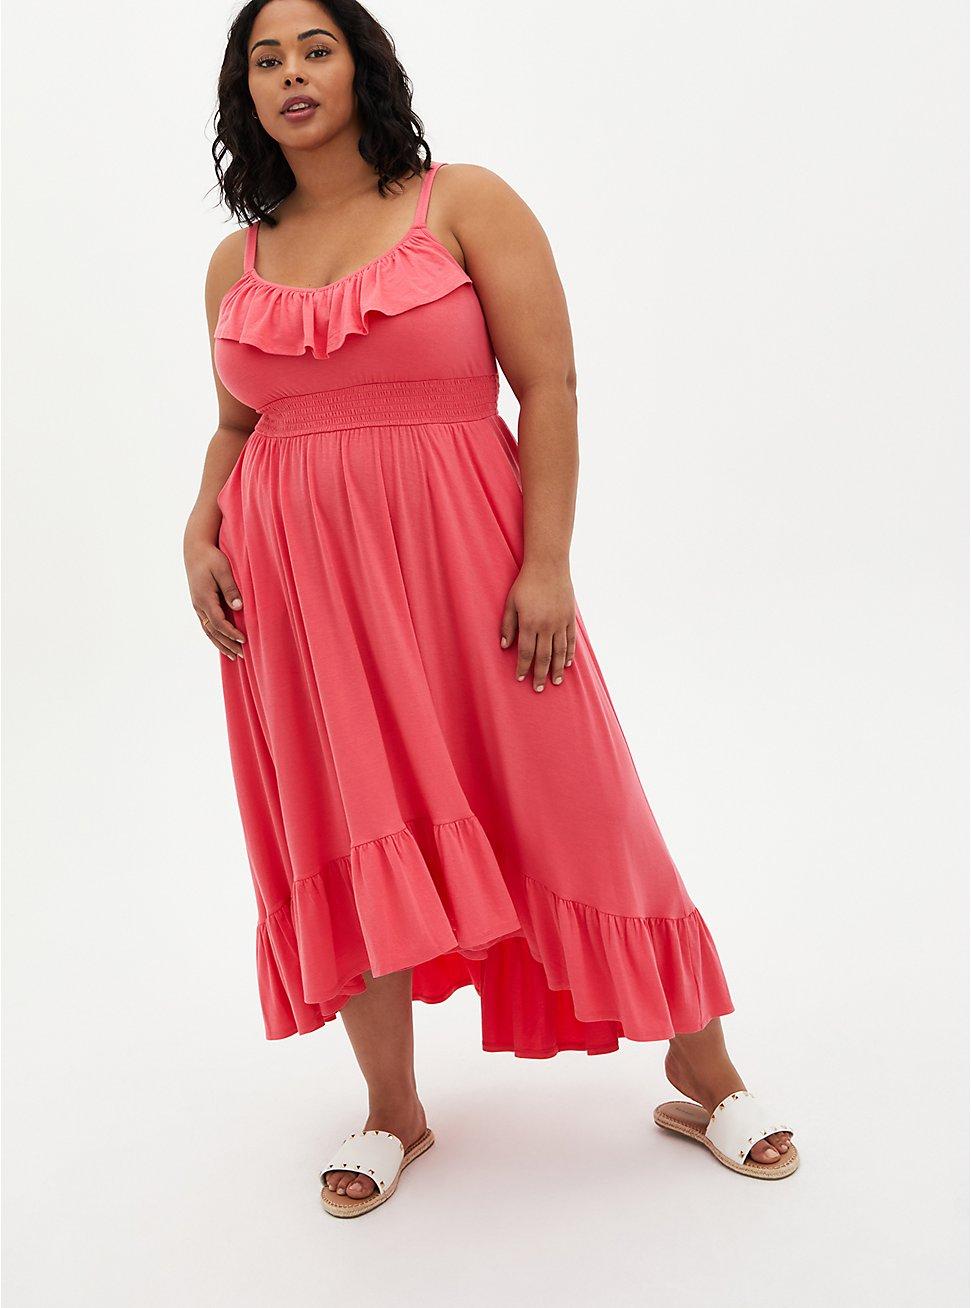 Coral Super Soft Ruffle Hi-Lo Maxi Dress , CORAL, hi-res